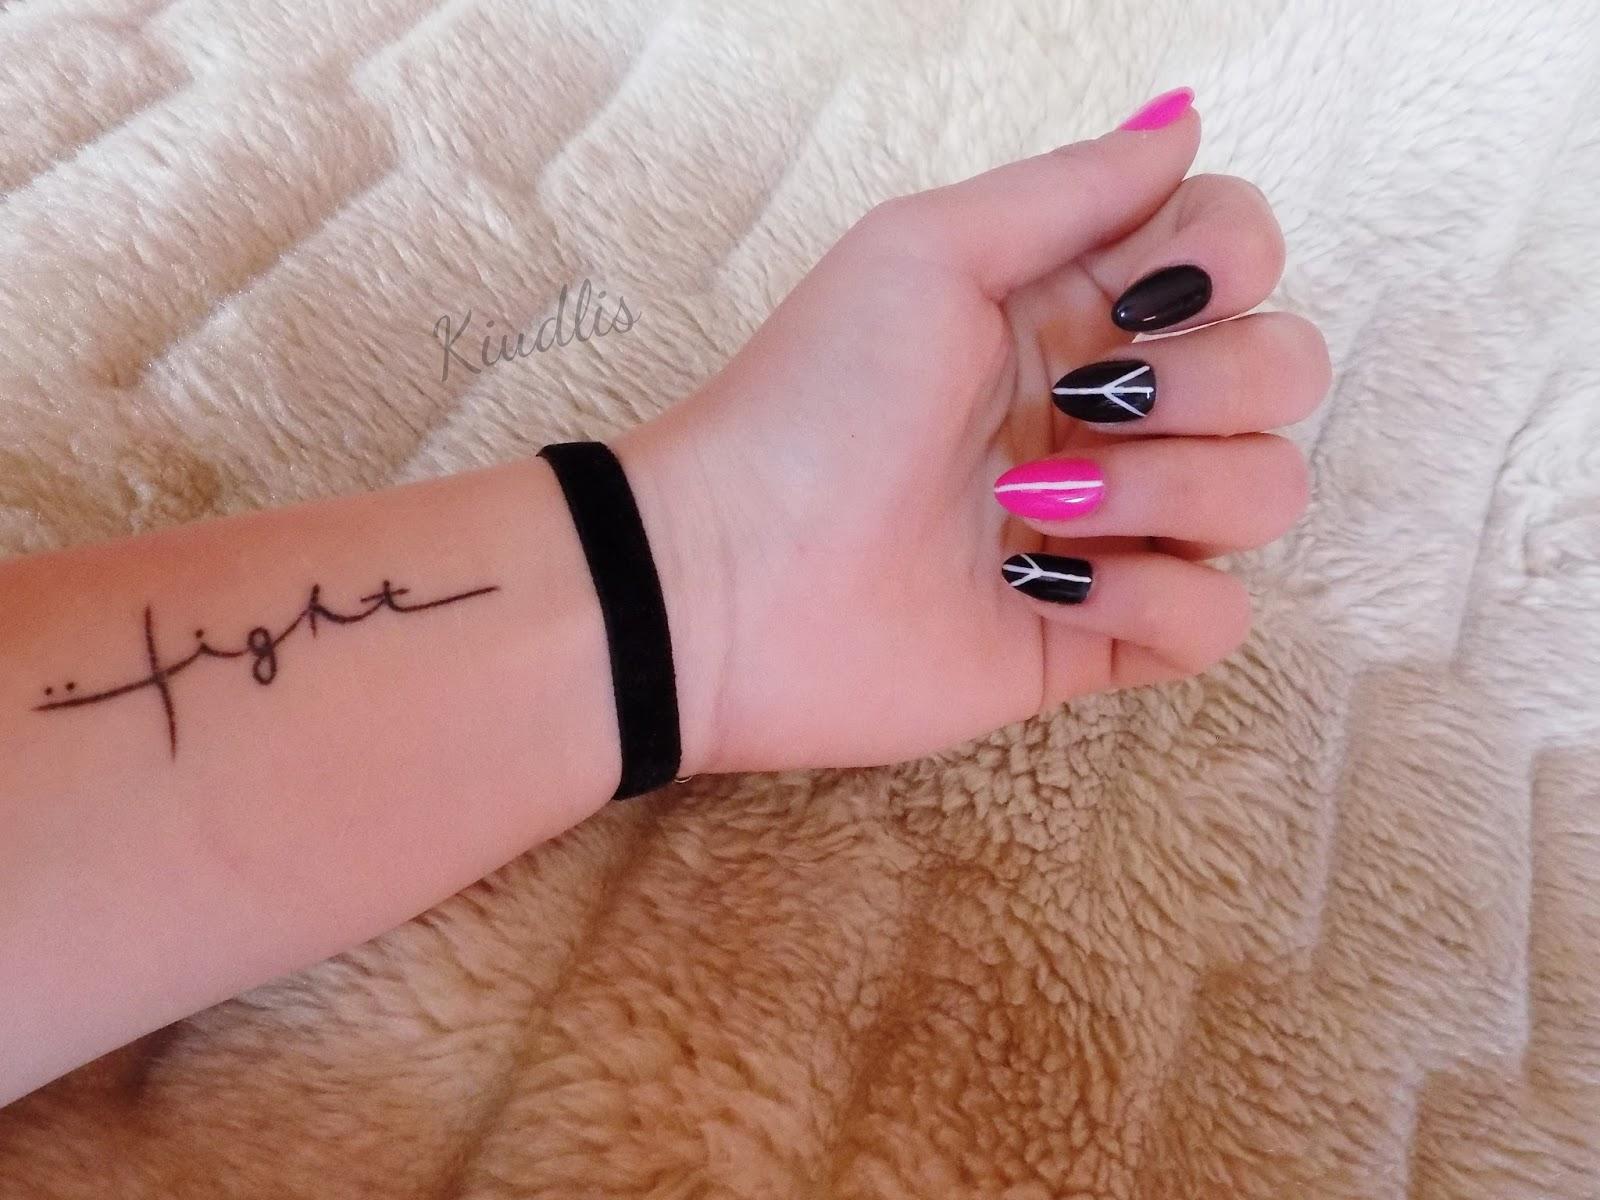 Second tattoo.